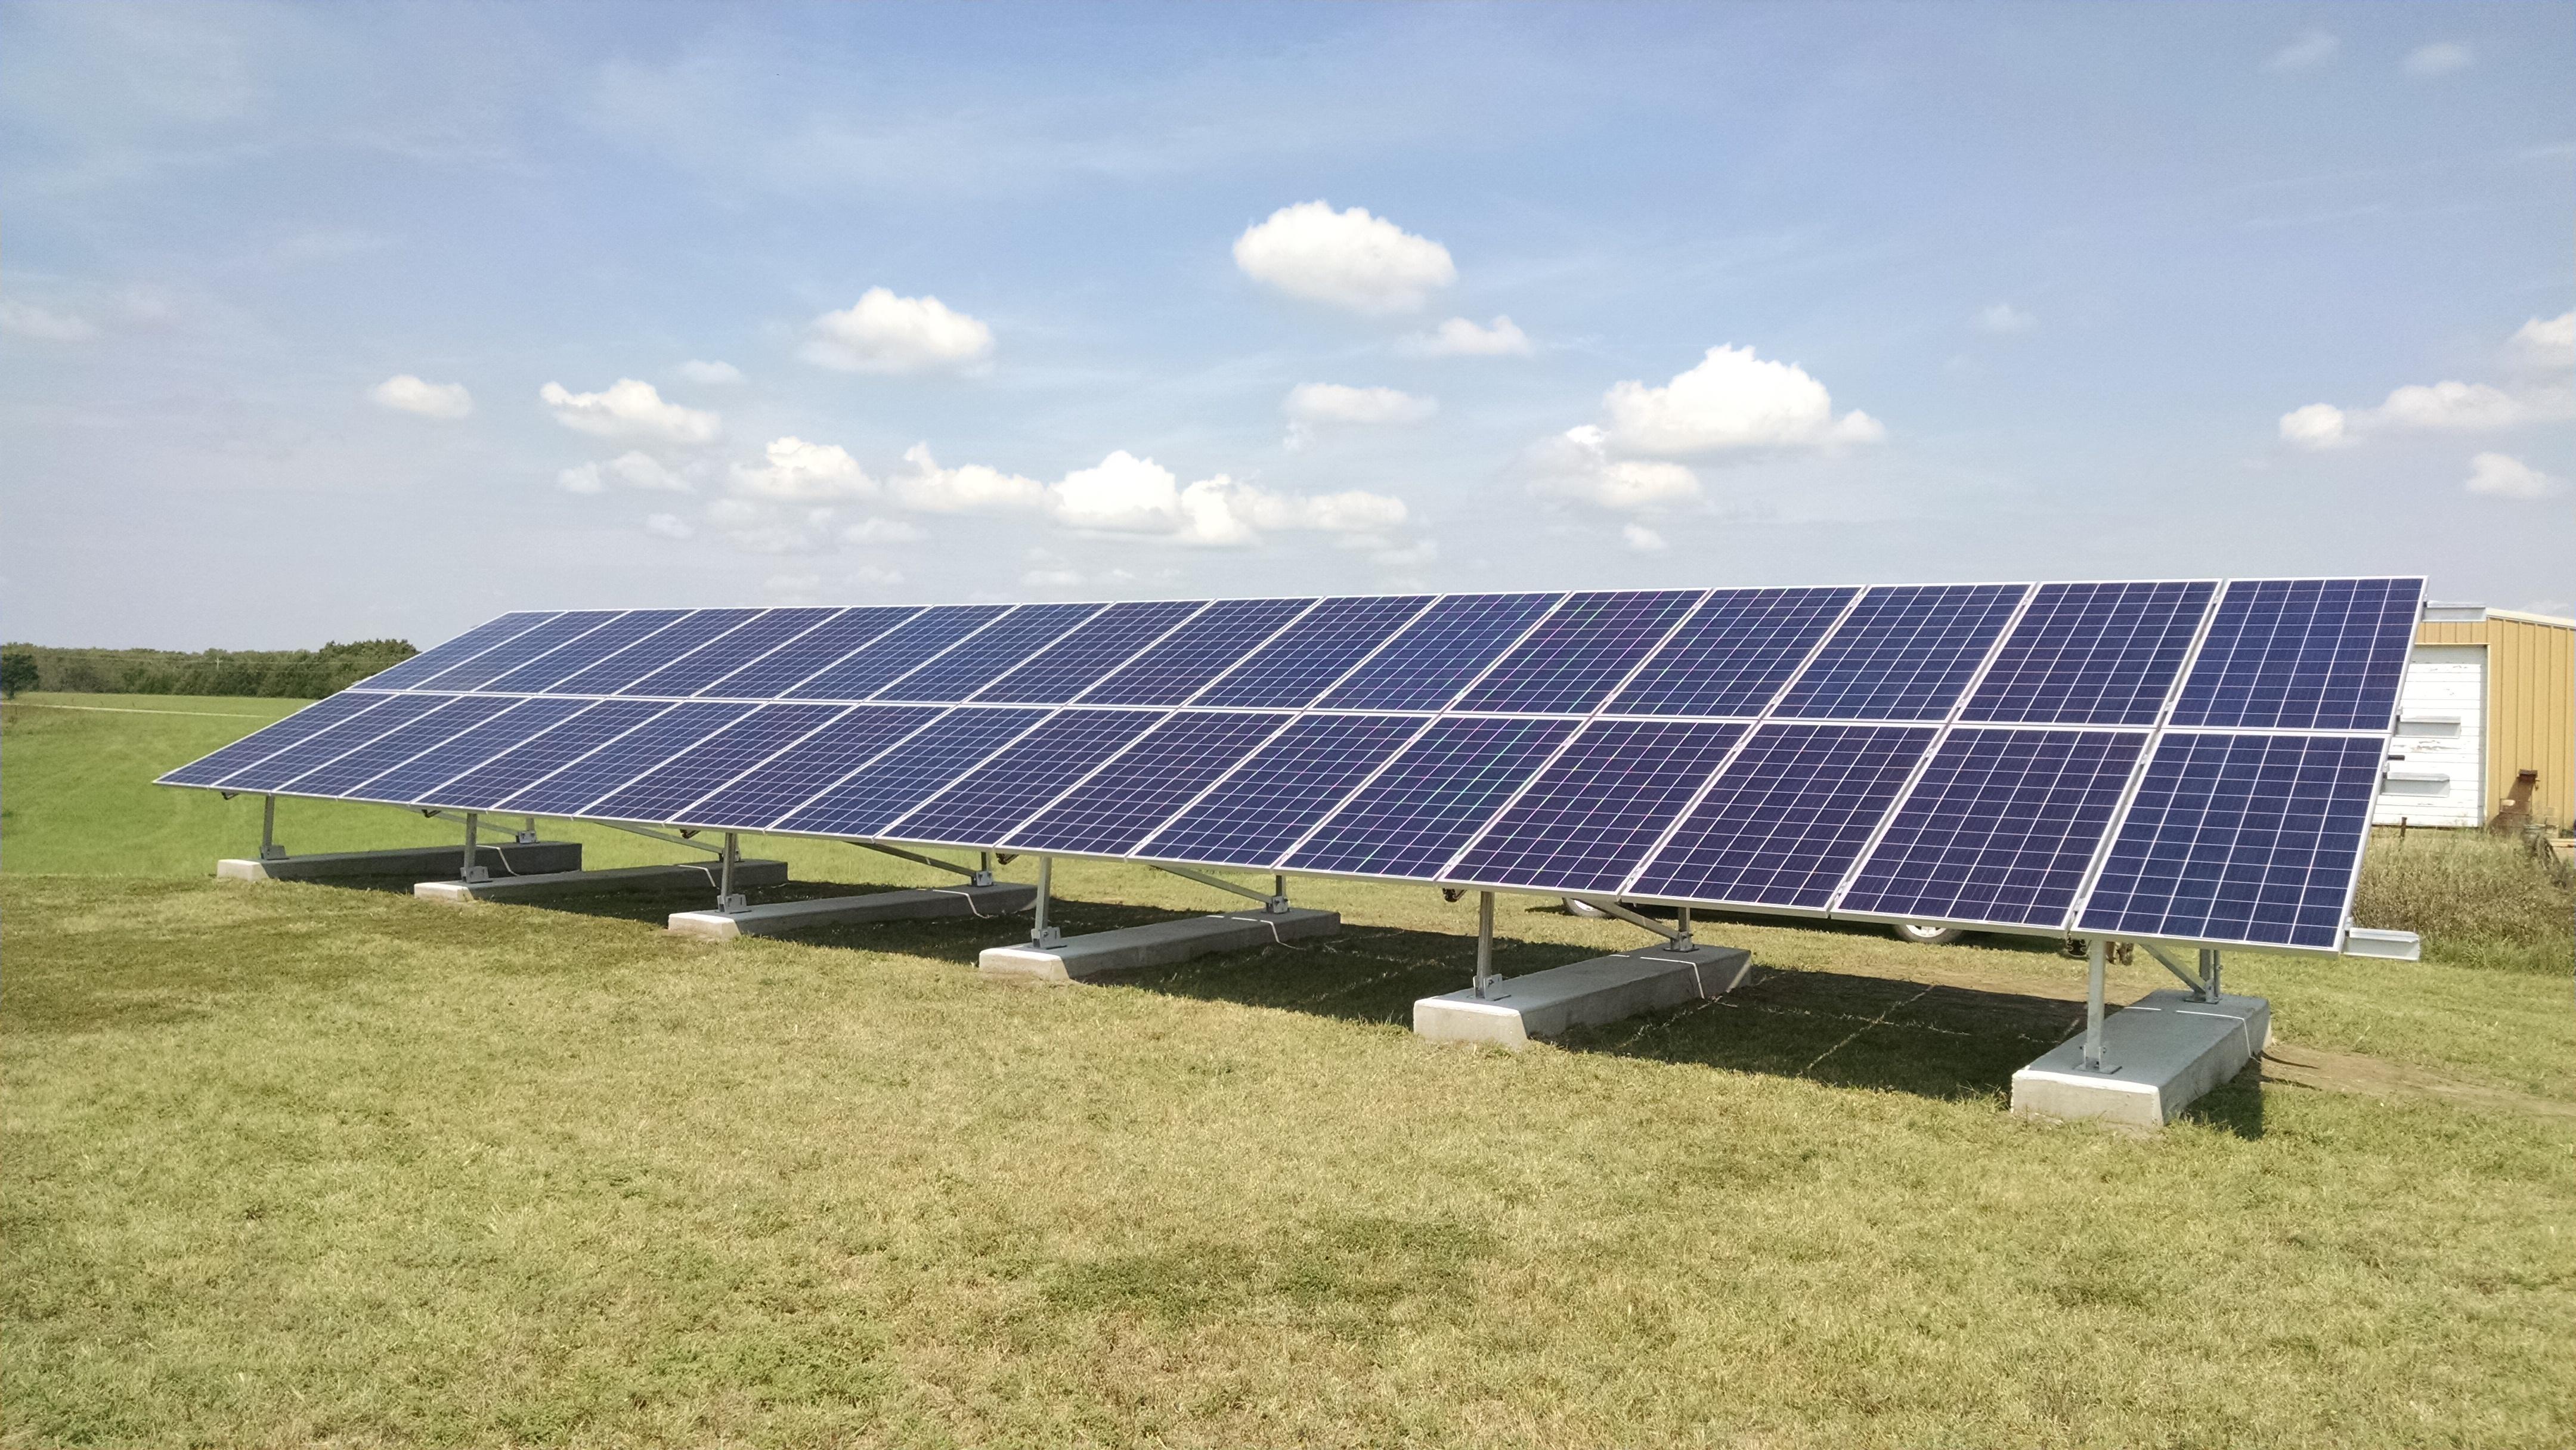 King solar in haven ks 67543 for Kansas solar installers